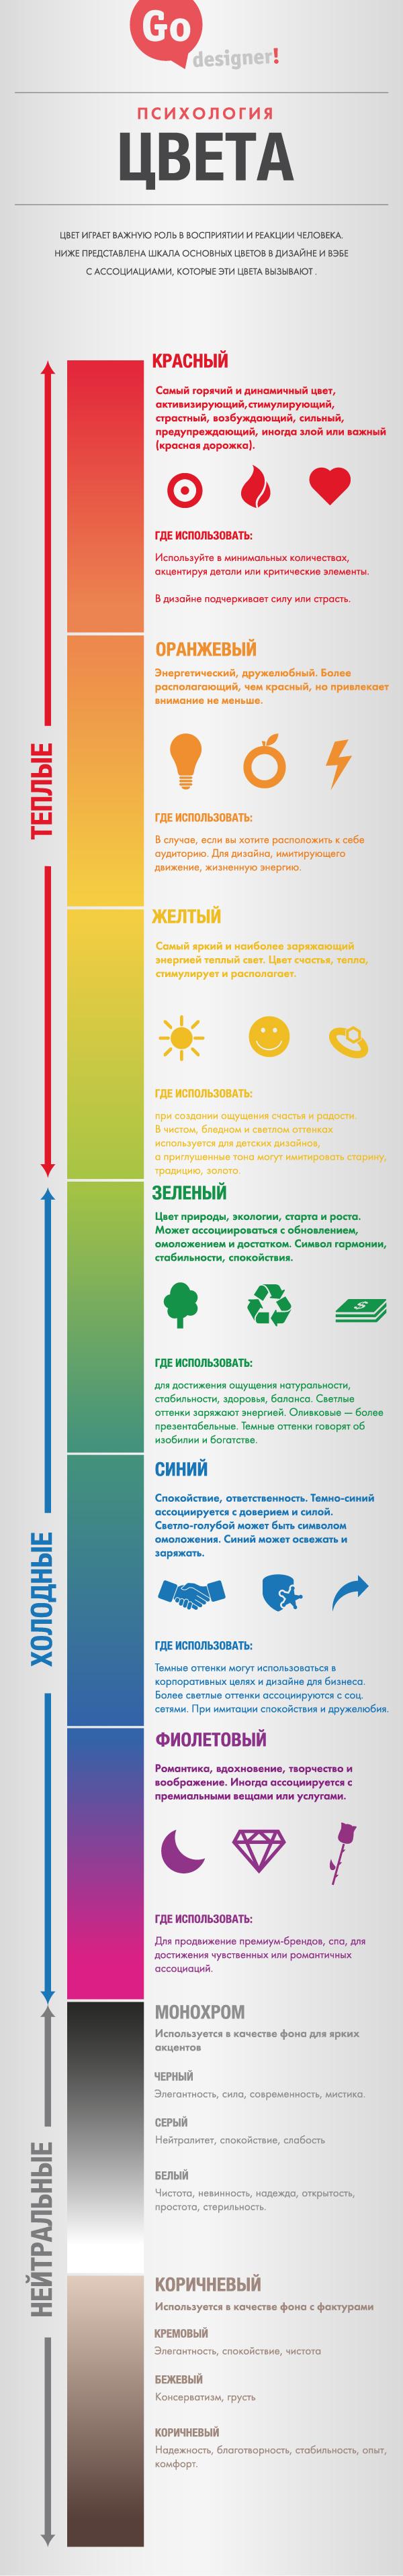 infographic2-01